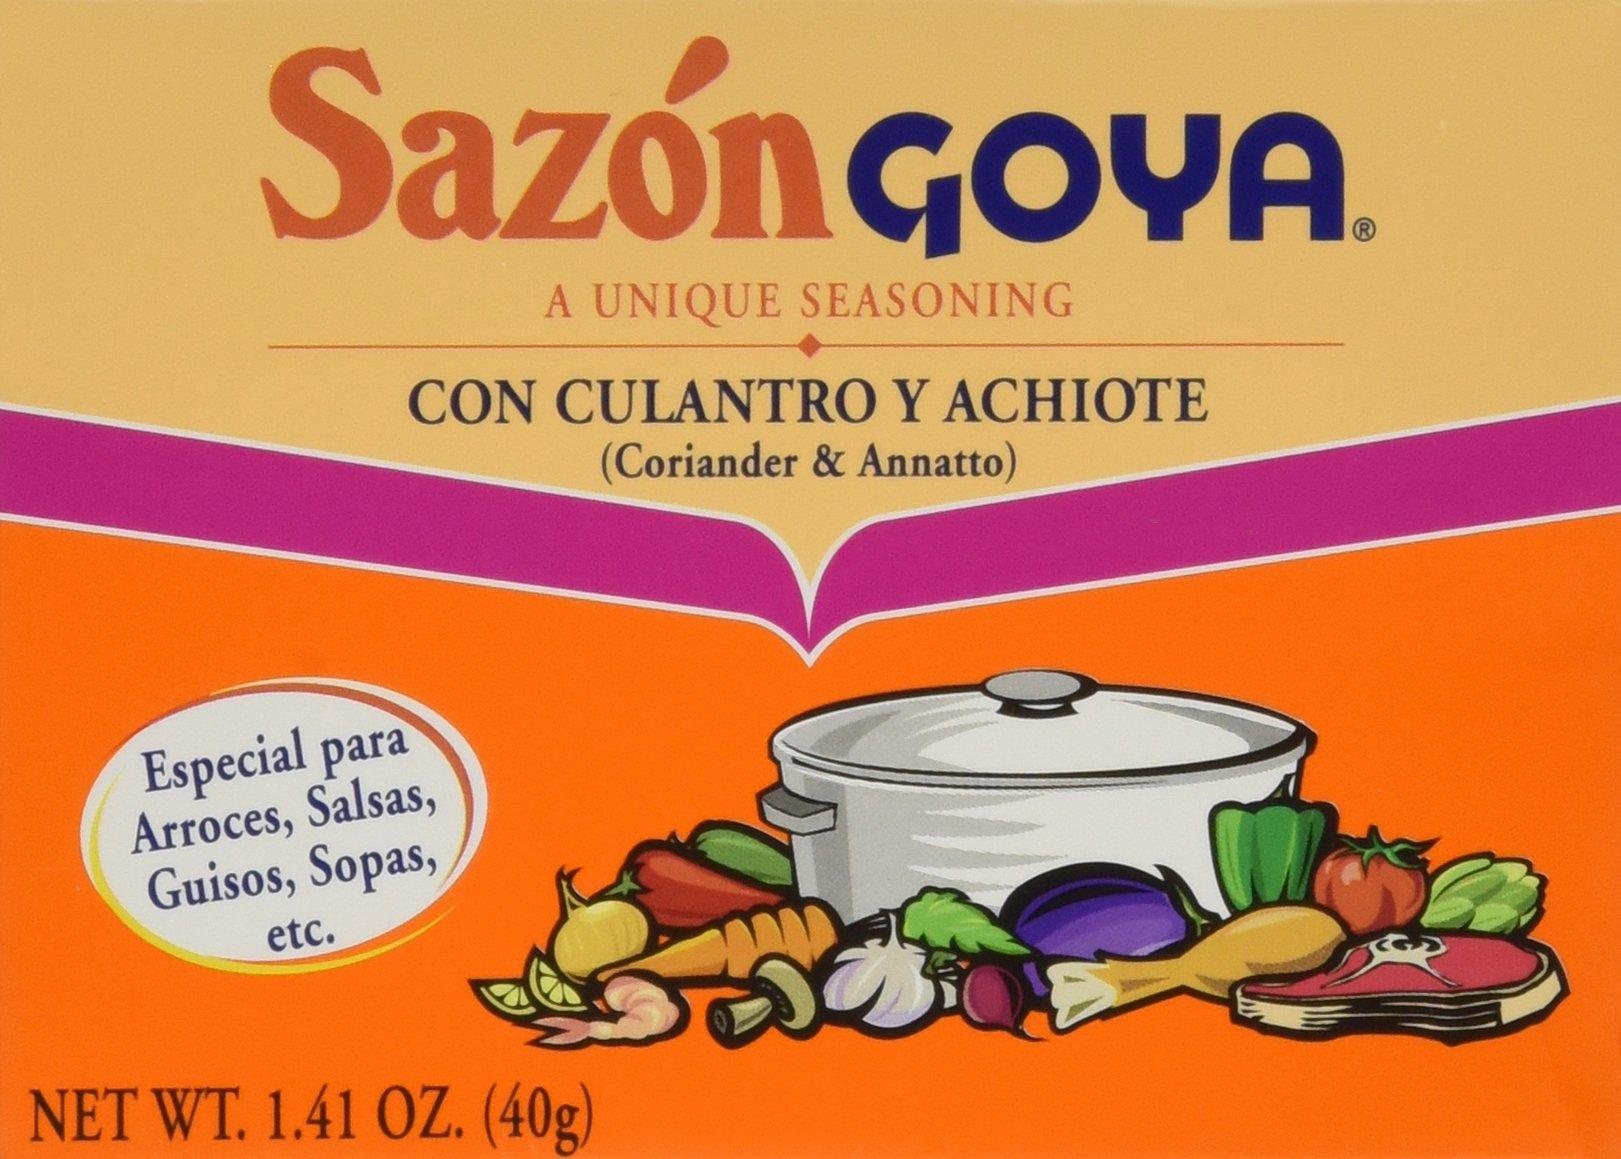 Sazon Goya Con Culantro Y Achiote Coriander & Annatto 40g